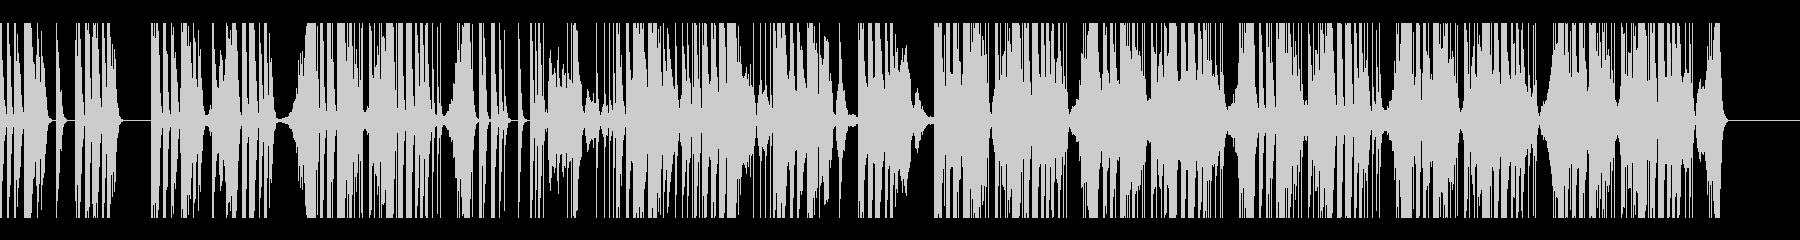 緊迫感のある電子音楽の未再生の波形